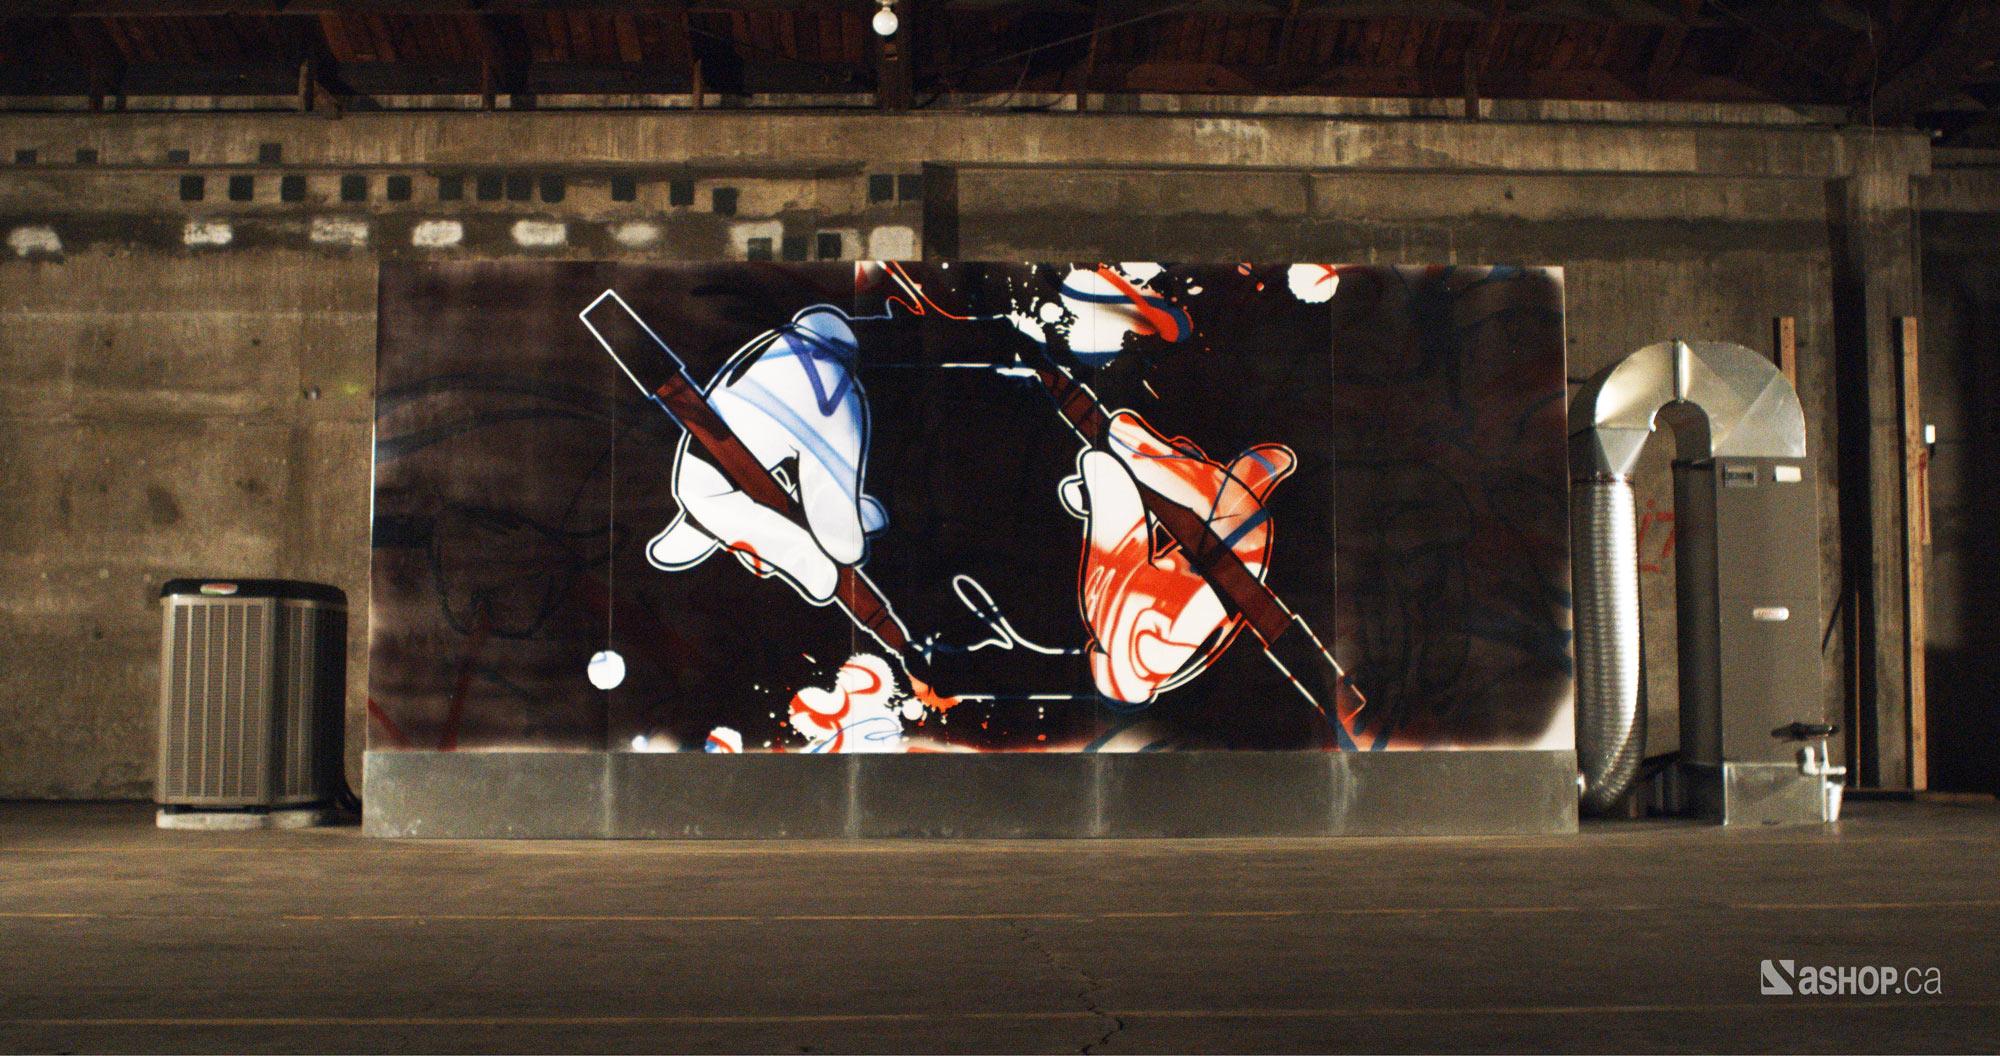 lennox_slick_after_ashop_a'shop_mural_murales_graffiti_street_art_montreal_paint_WEB.jpg